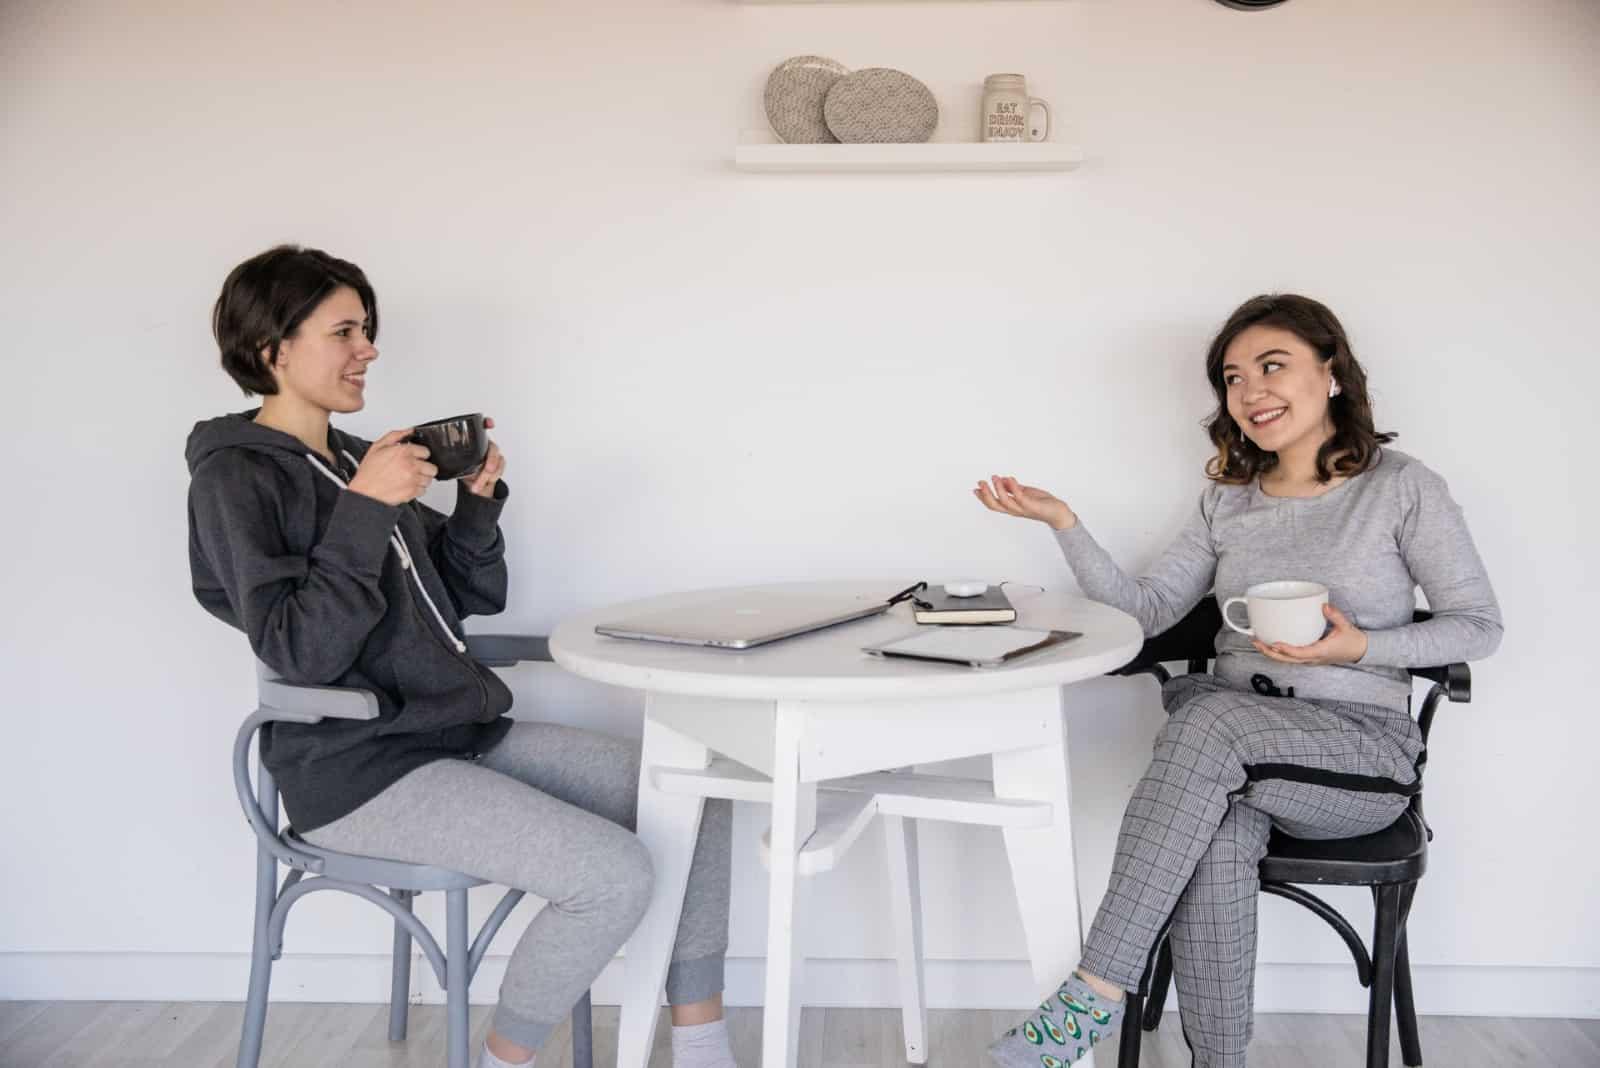 deux femmes parlant assis sur des chaises